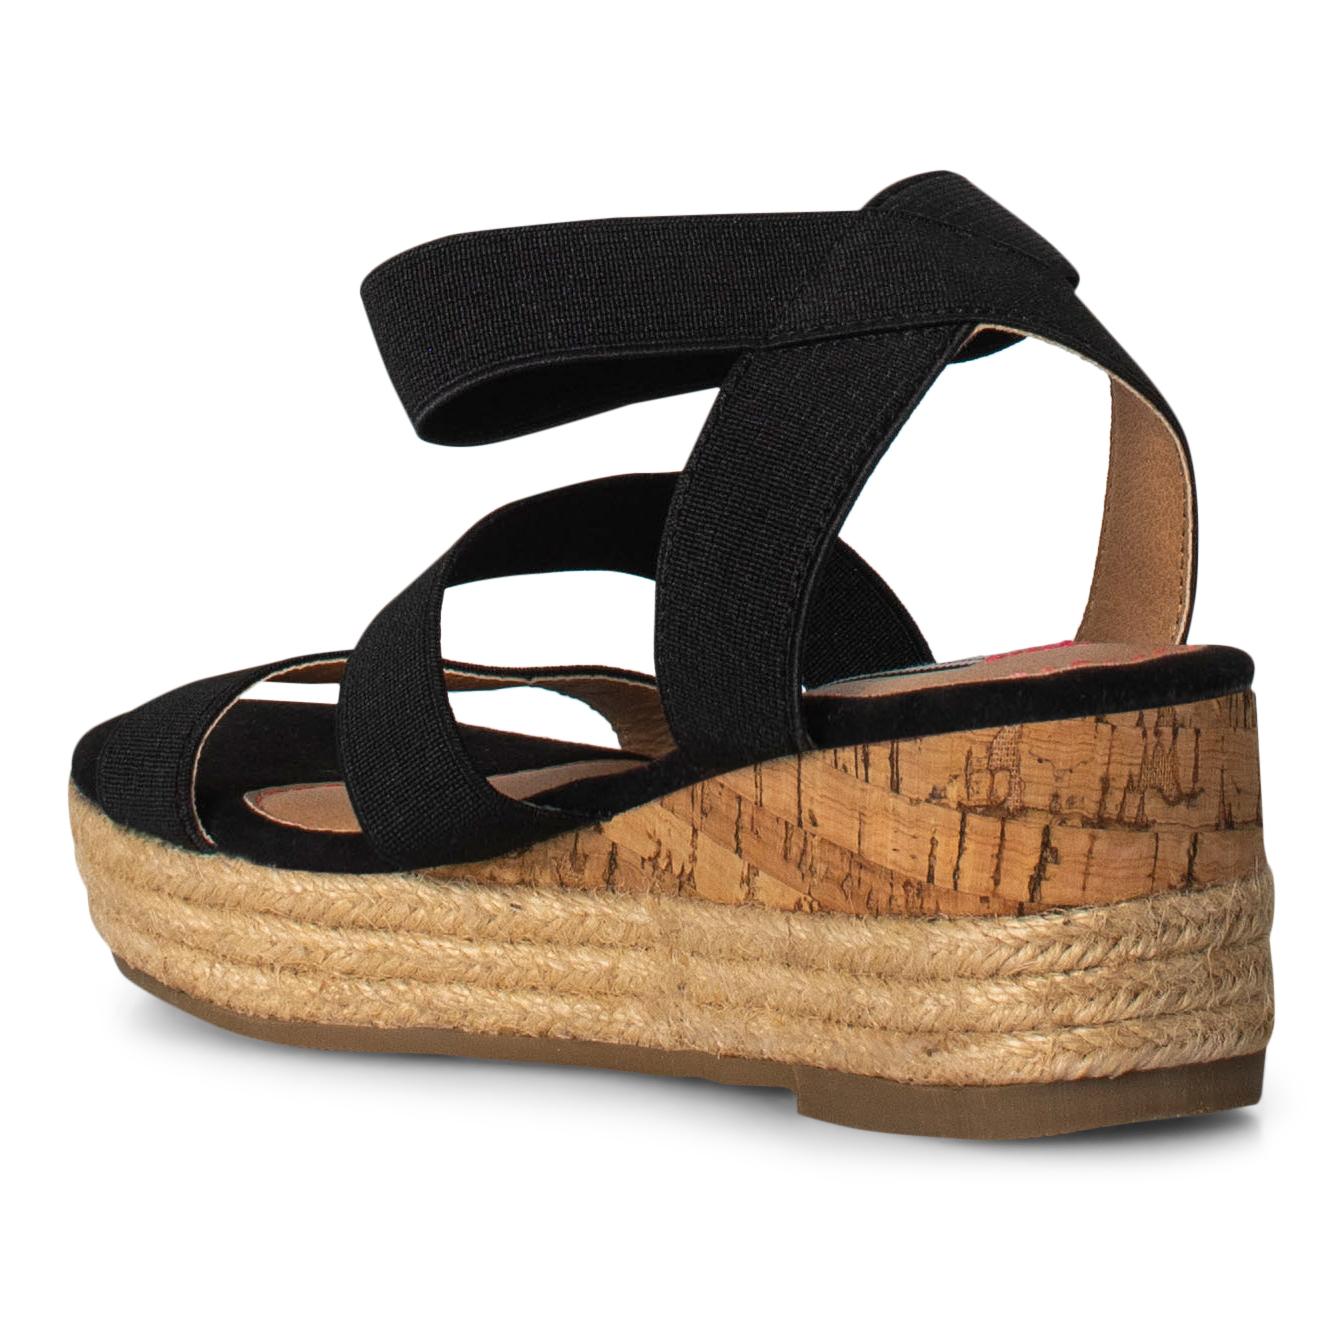 Steve Madden JBandi sandal, black, 33